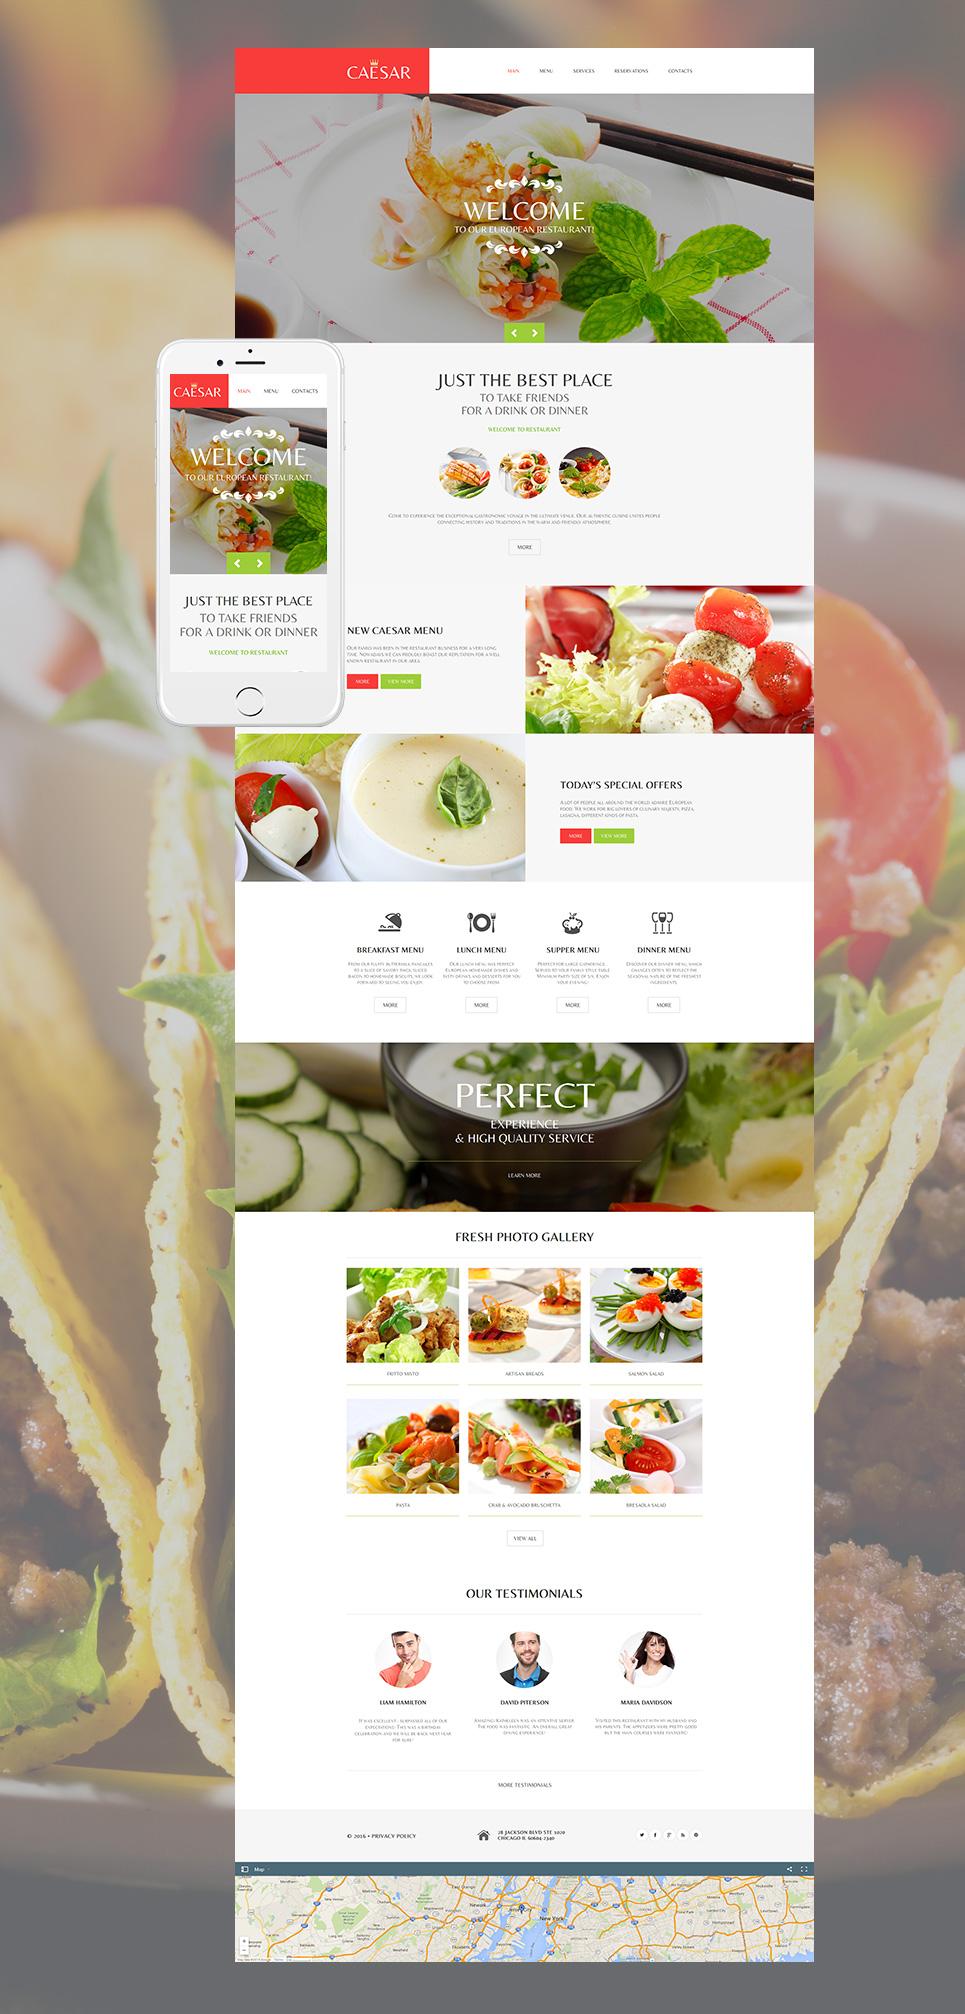 MotoCMS HTML Plantilla #58751 de categoría Restaurantes, bares y cafés - image